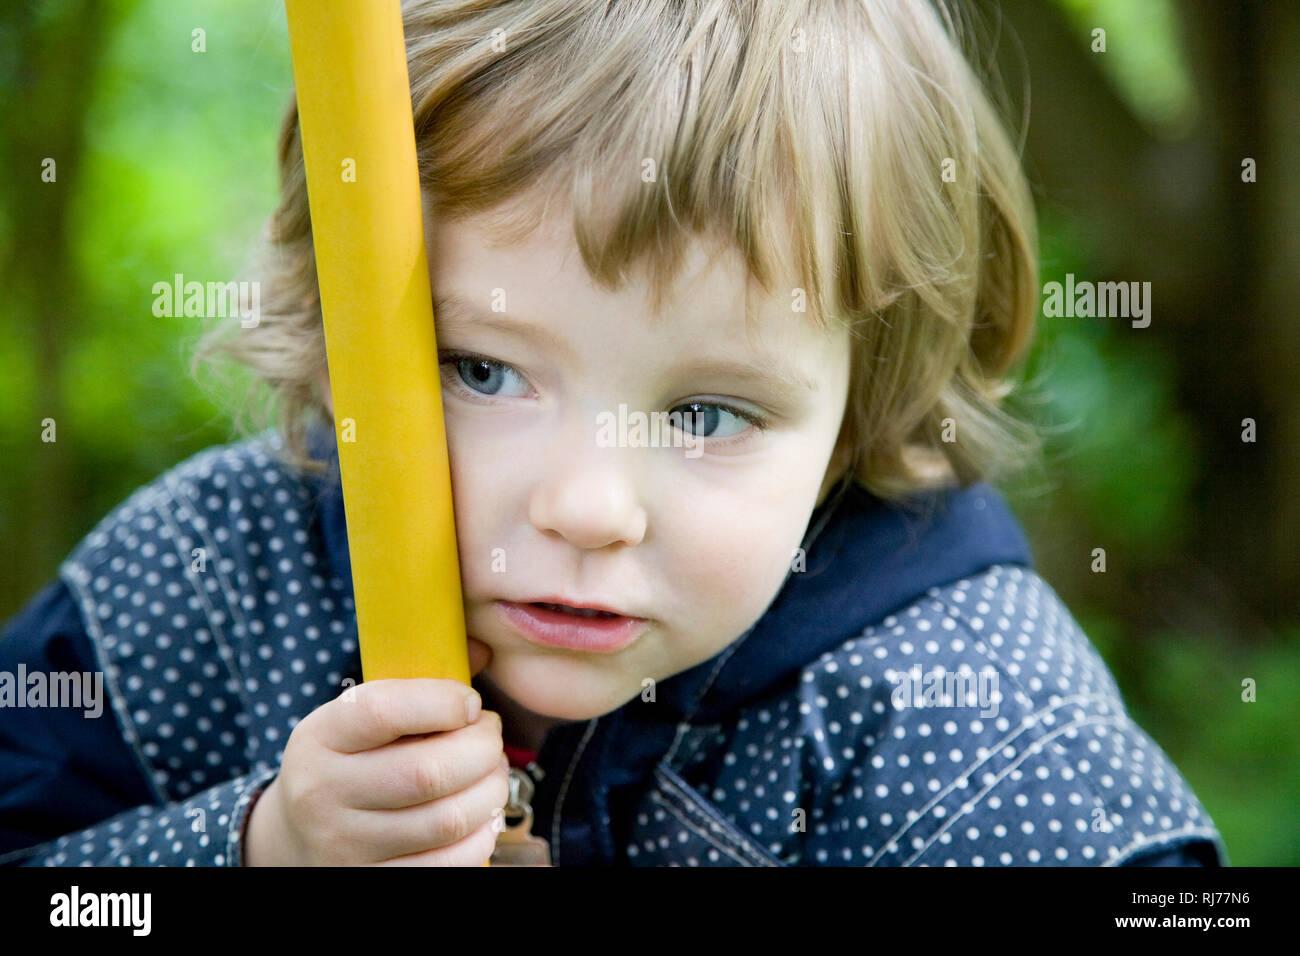 Mädchen, drei Jahre alt, auf einer Schaukel - Stock Image